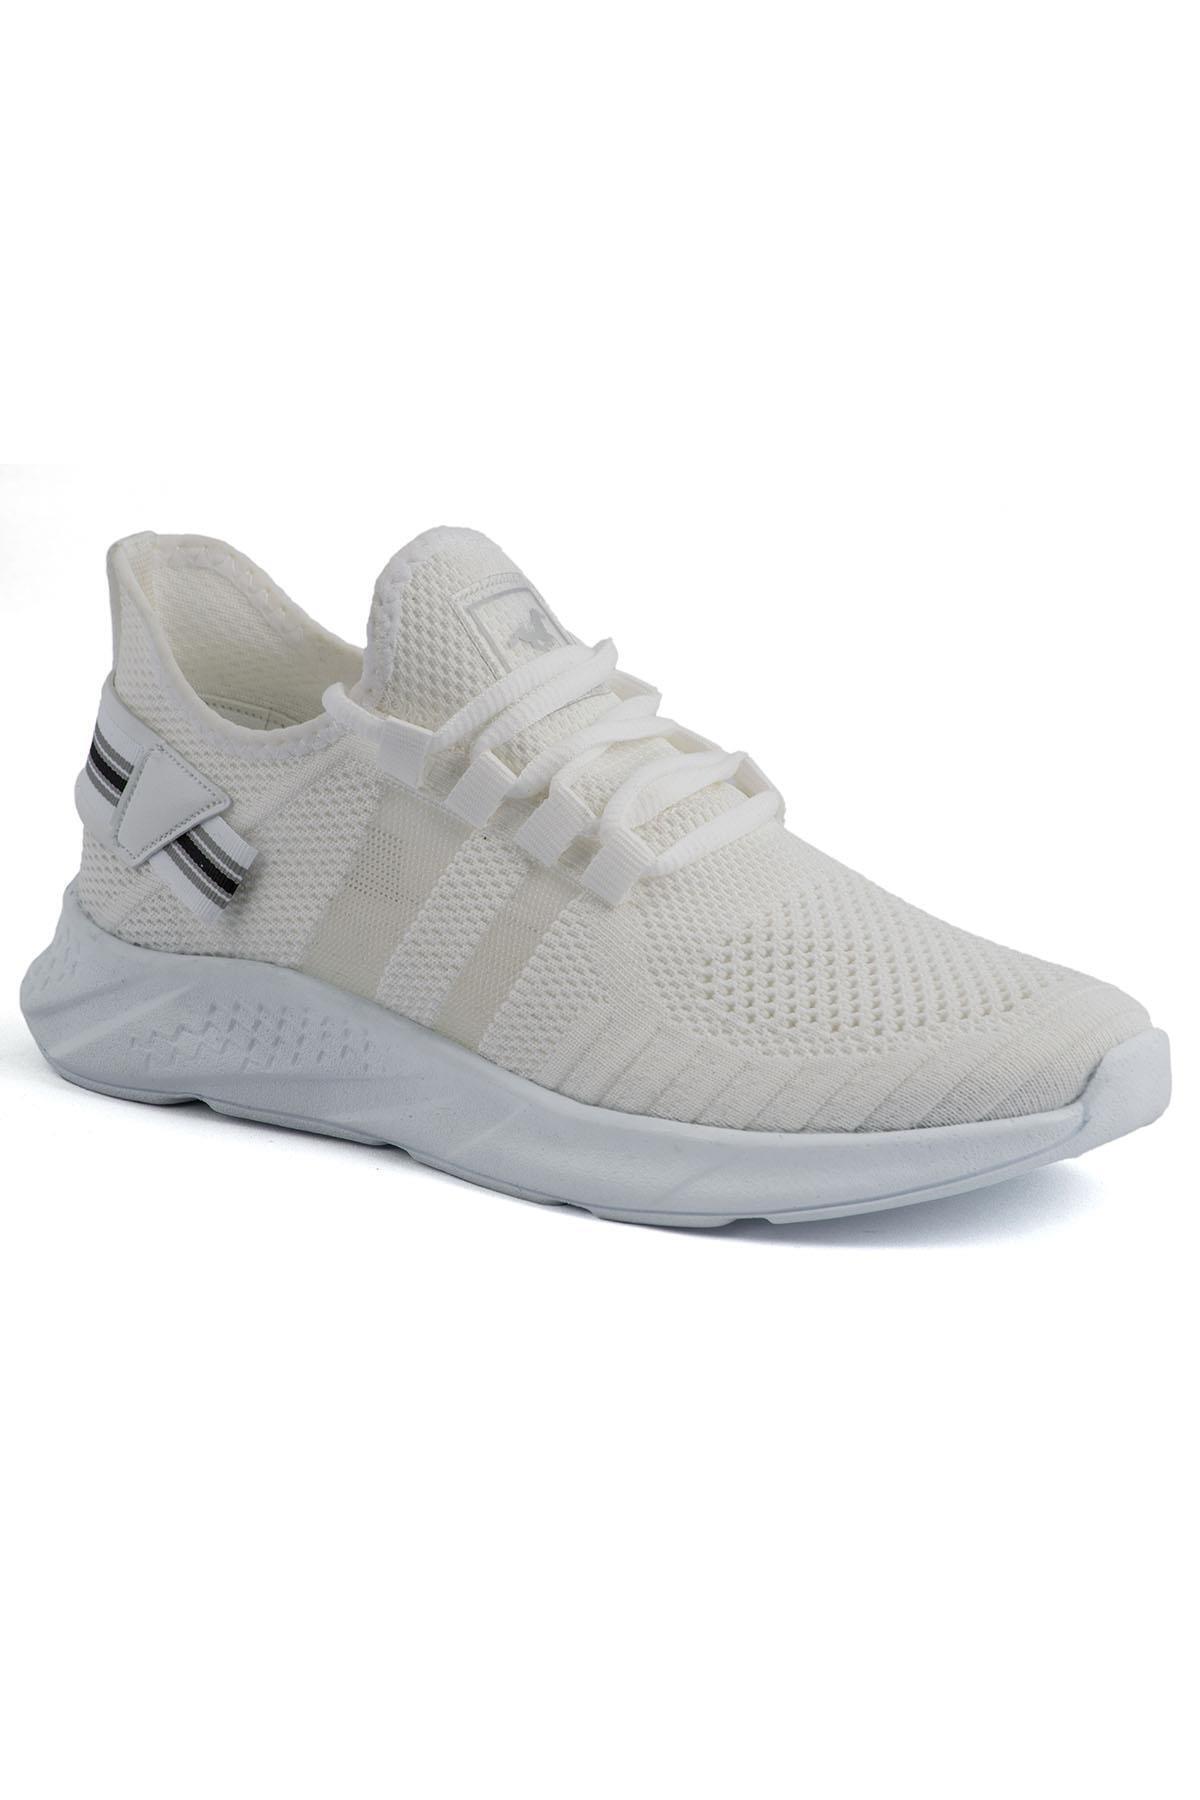 L.A Polo 136 Beyaz Beyaz Delikli Yazlık Erkek Spor Ayakkabı 1